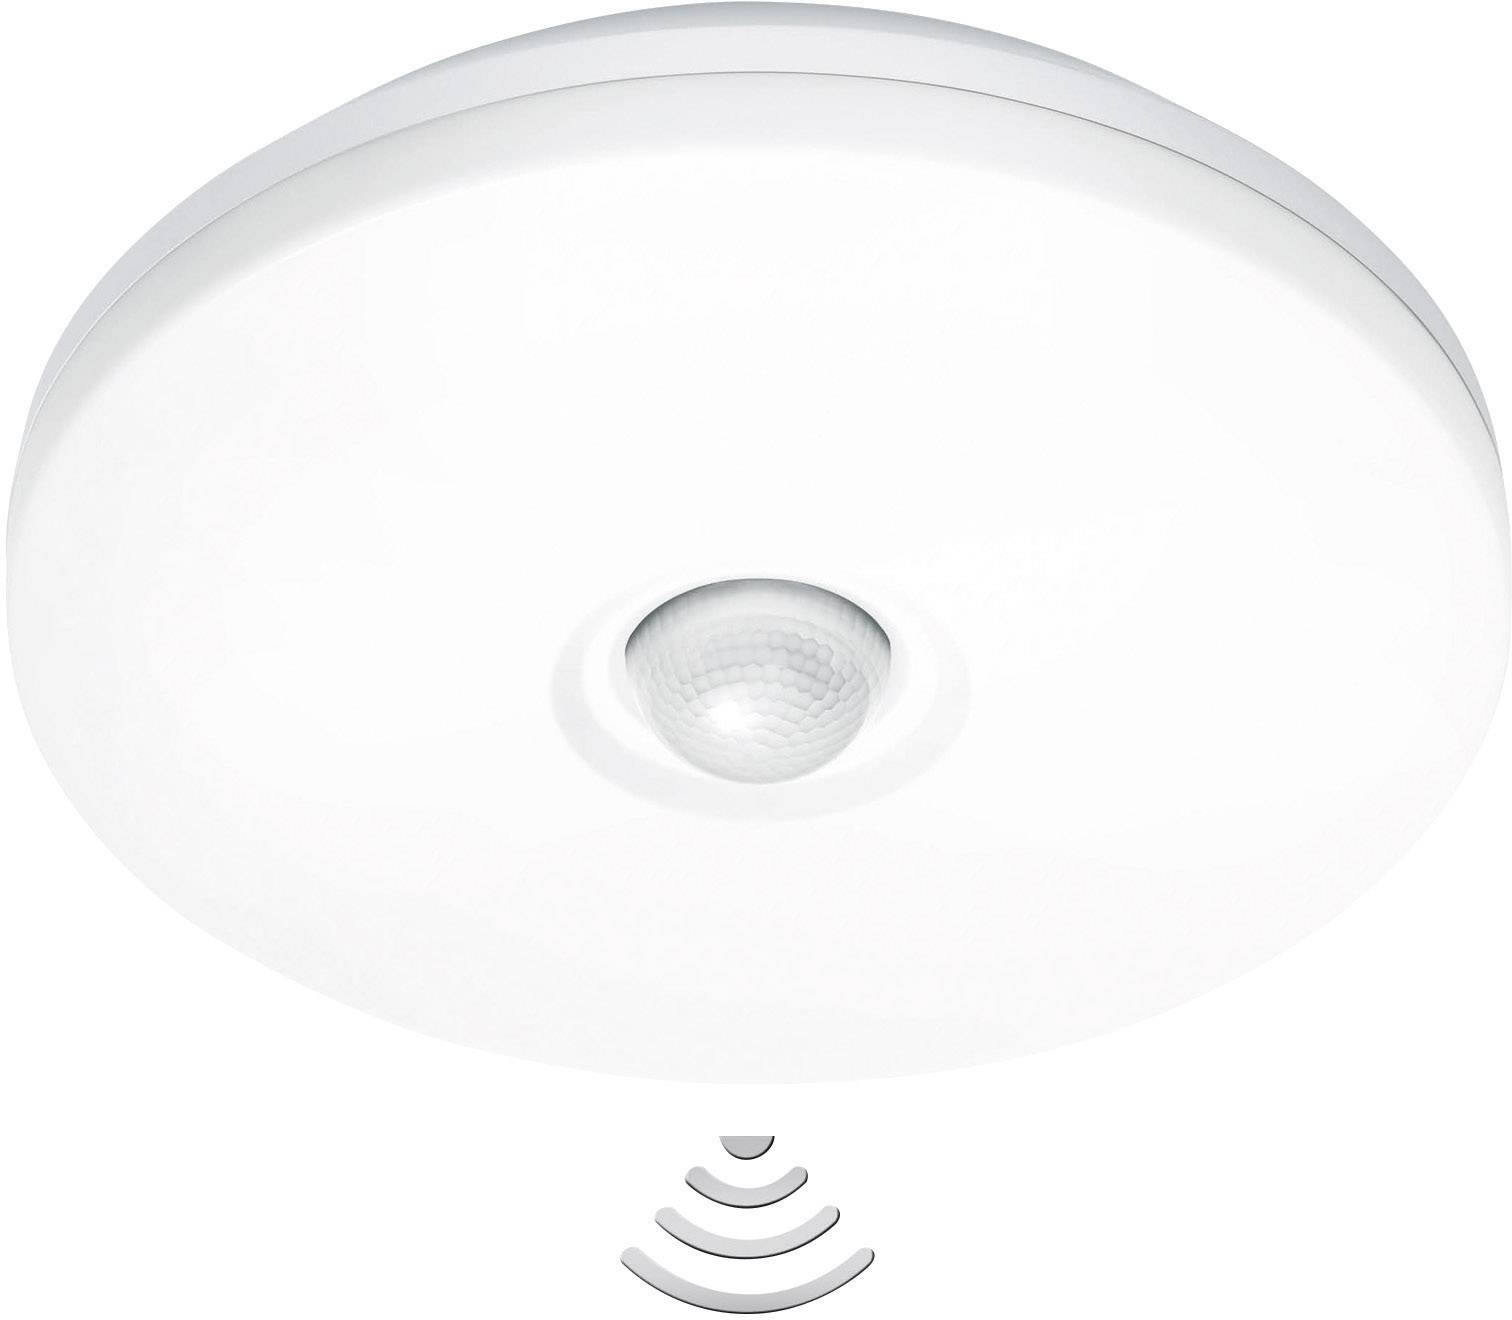 Vonkajšie nástenné svietidlo Steinel DL 850 S, s PIR čidlom